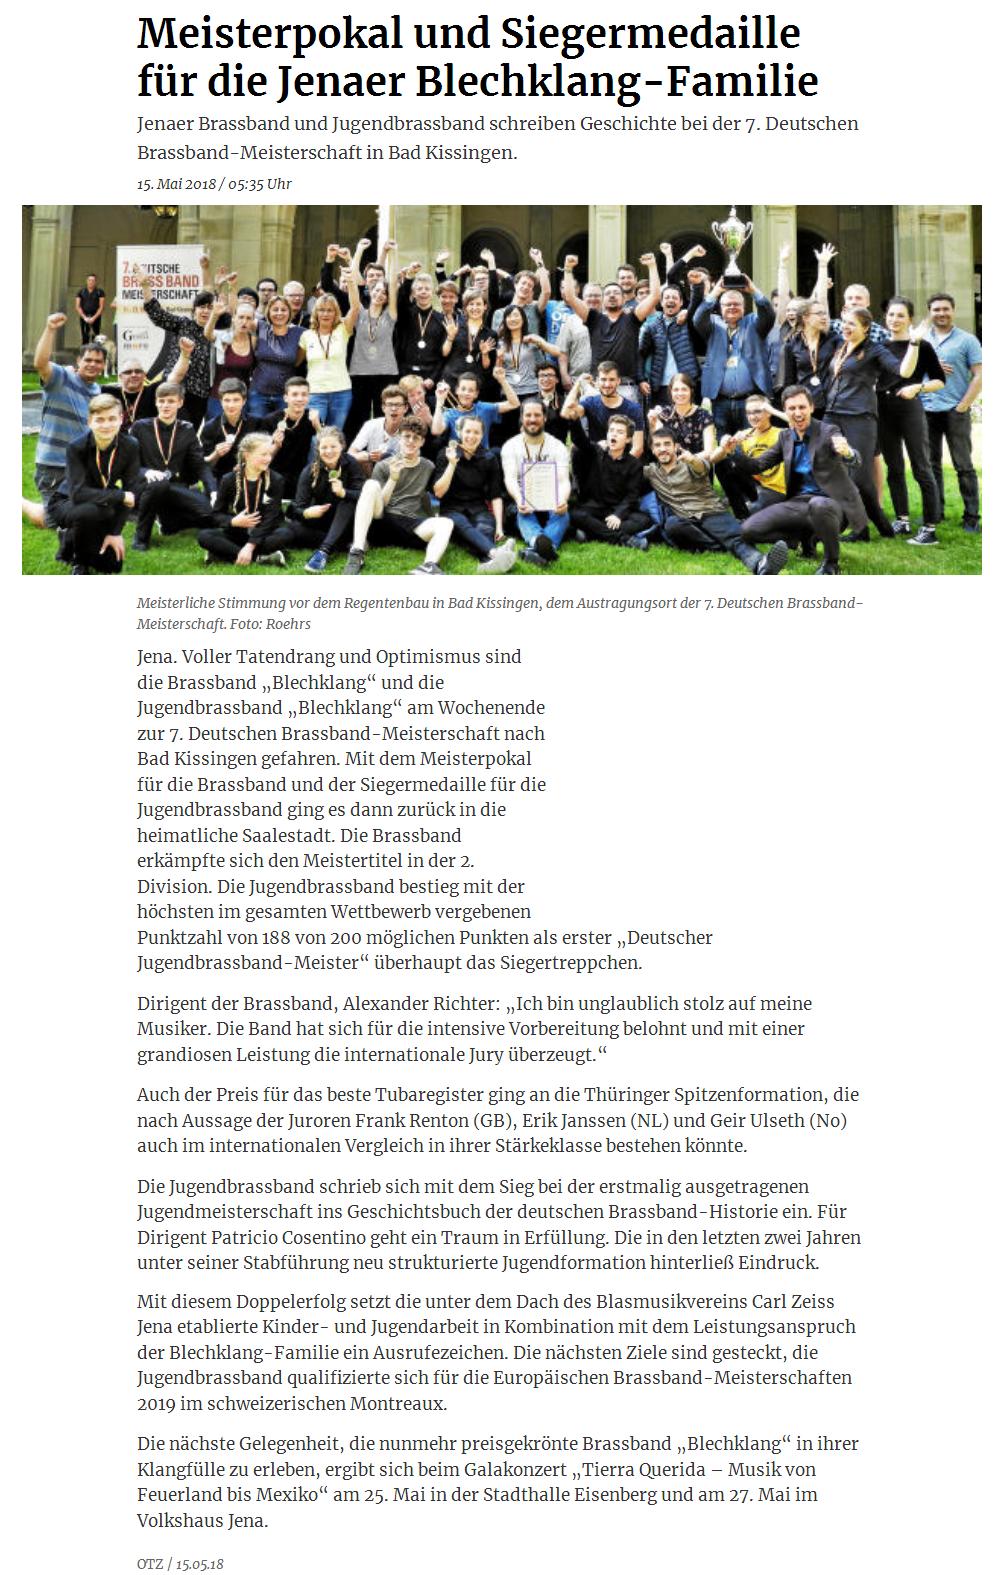 Online-Artikel der OTZ über die Erfolge der Brass Band BlechKLANG und der Jugend Brass Band BlechKLANG bei der Deutsche Brass Band Meisterschaft 2018